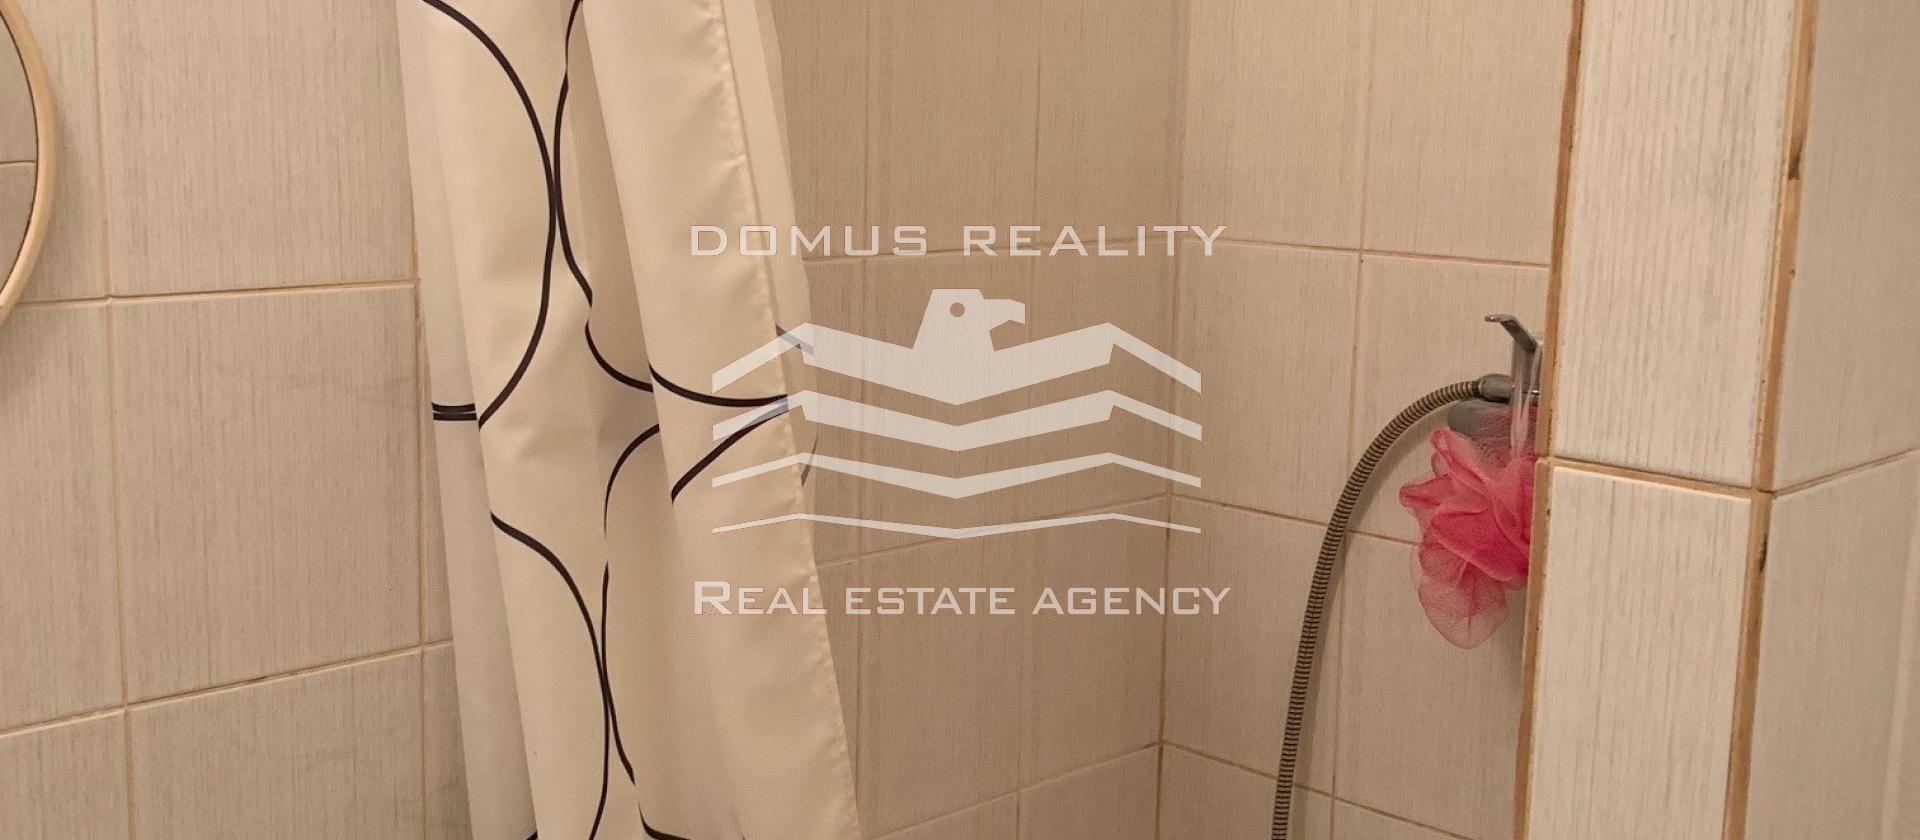 Nabízíme k pronájmu byt 1+kk podlahová plocha bytu 21 m2